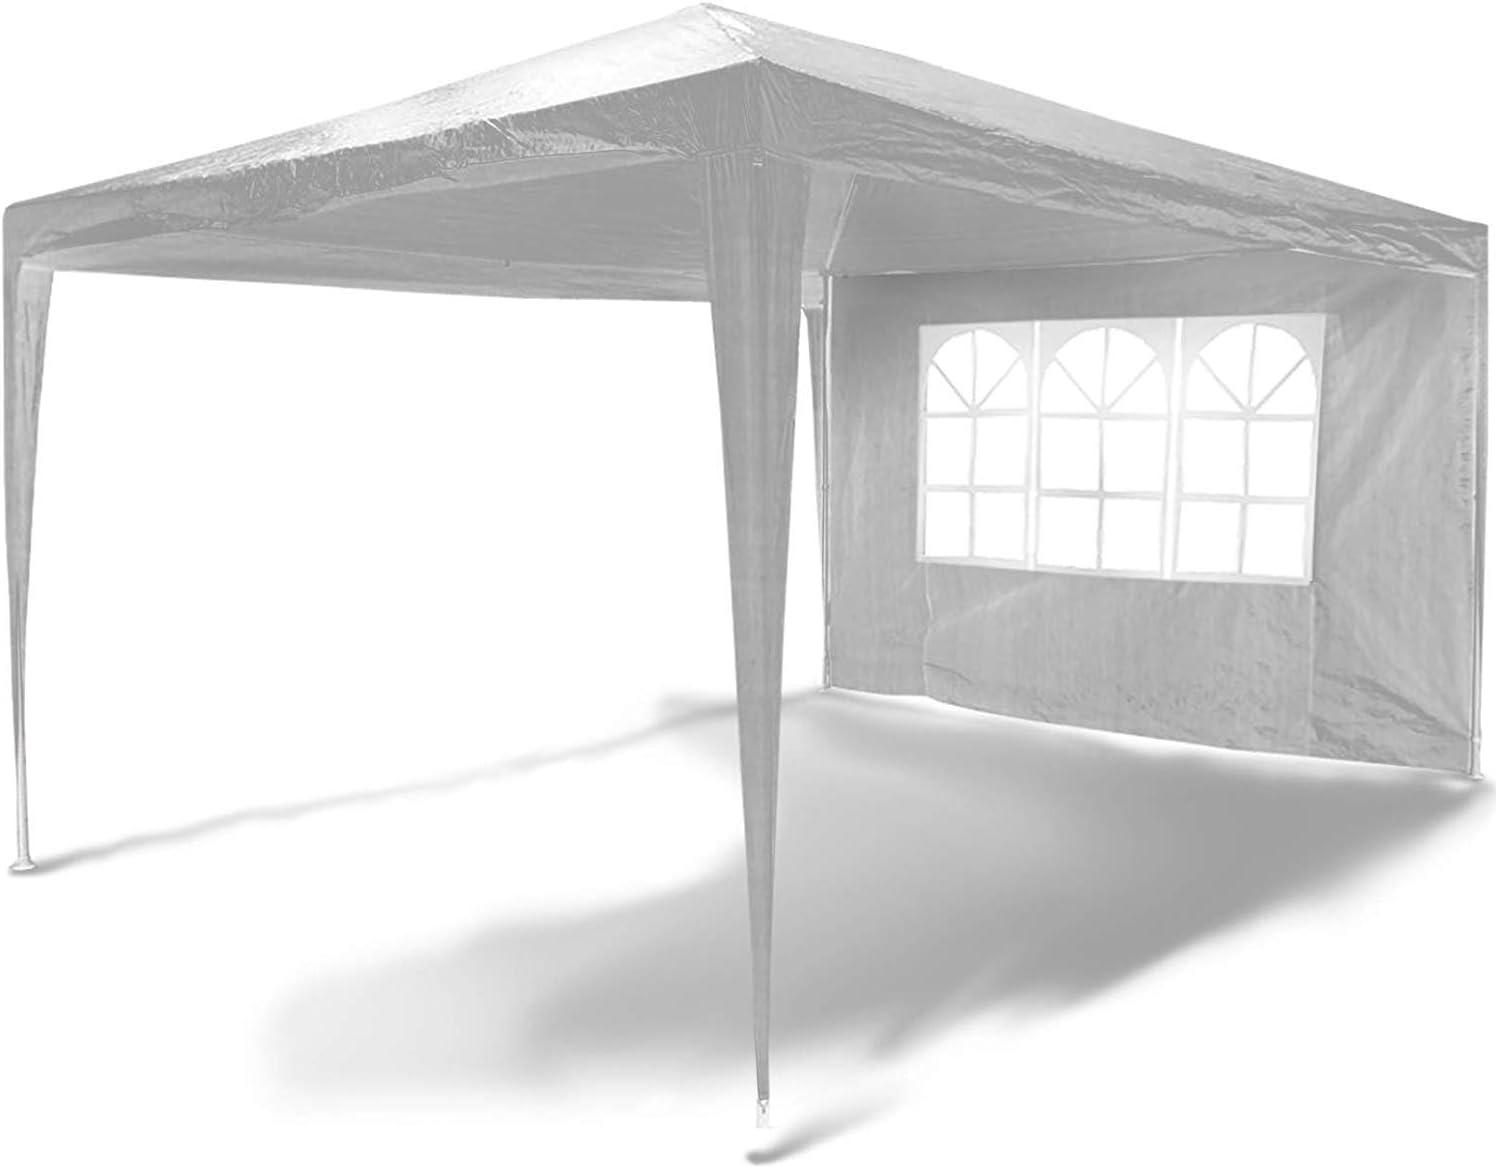 Impermeabile Nova Gazebo da Giardino 3x4m Padiglione 4 Panelli Laterali Rimovibili Bianco Protezione UV30+ Tenda per Esterno Tendone per Feste